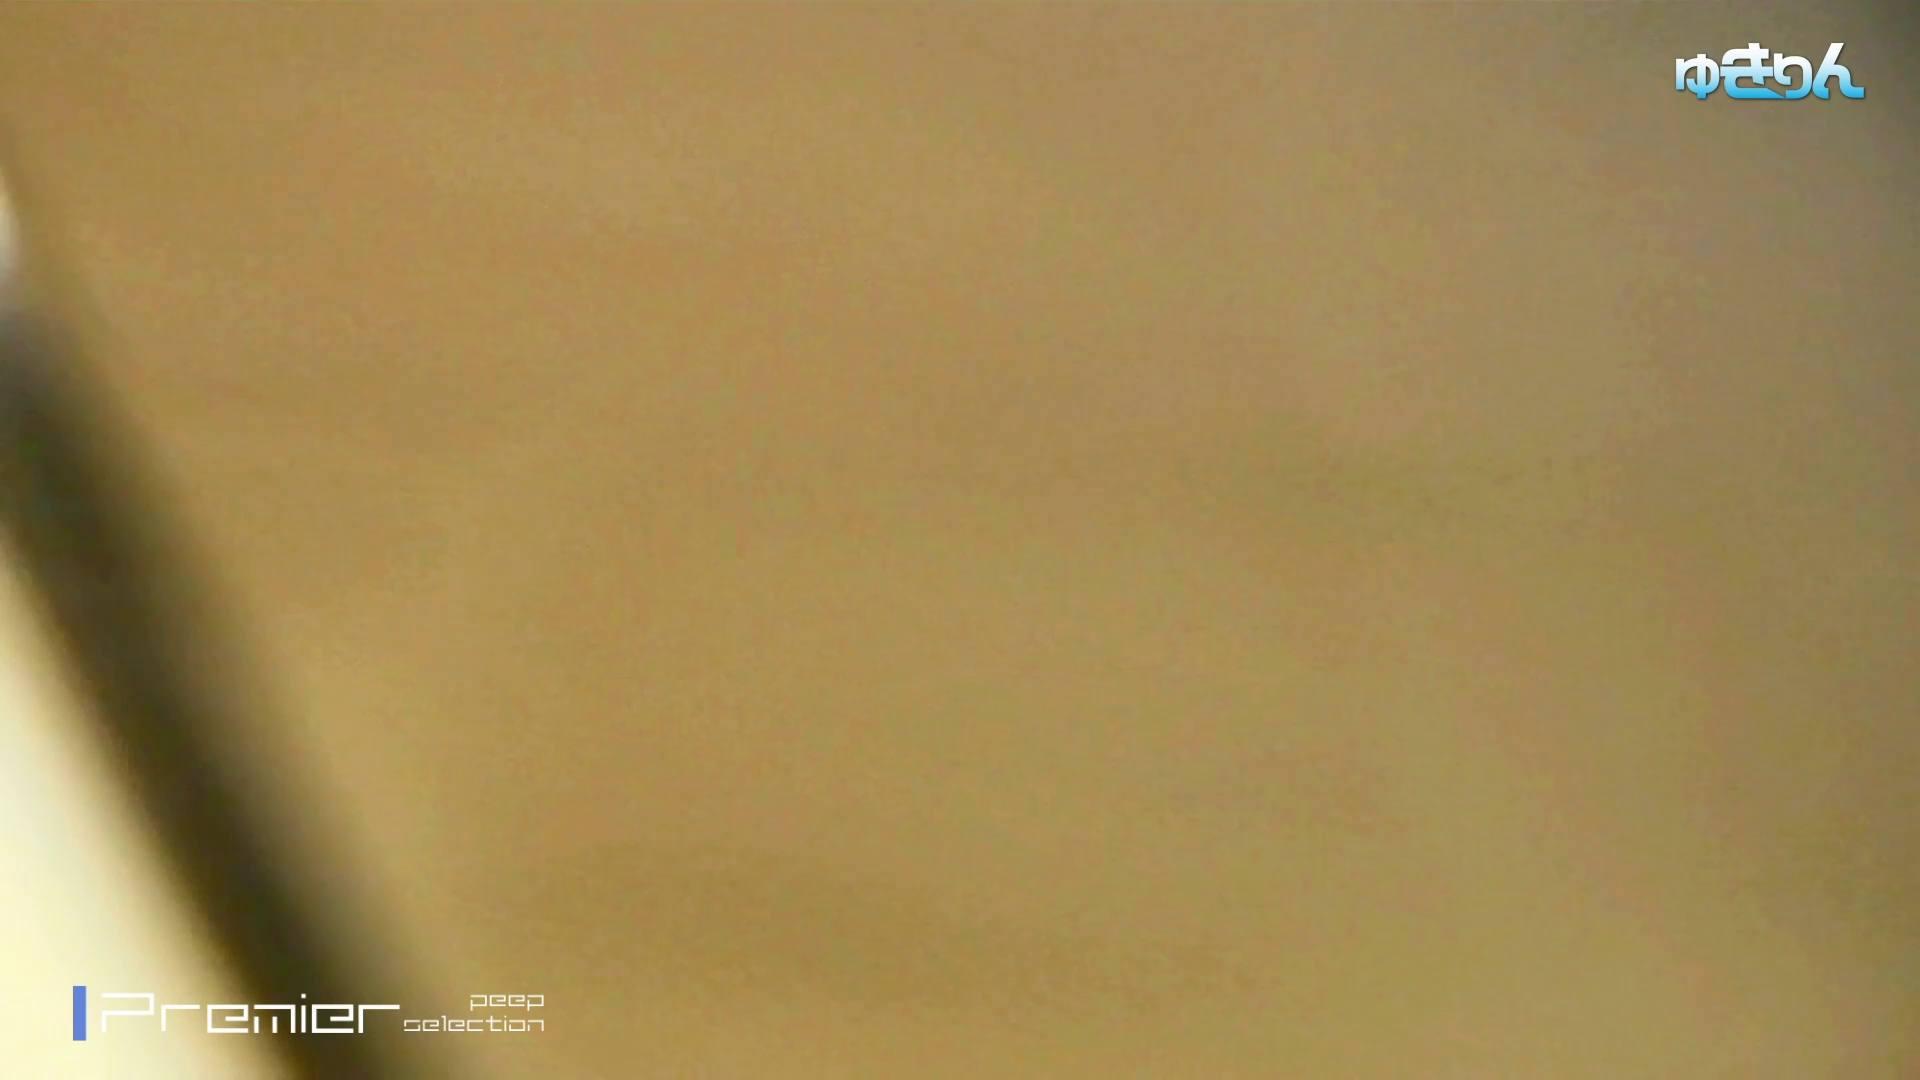 新世界の射窓 No98 キターッ特別に可愛い子の為、外まで粘着追い撮り!! 洗面所 | 0  51pic 43